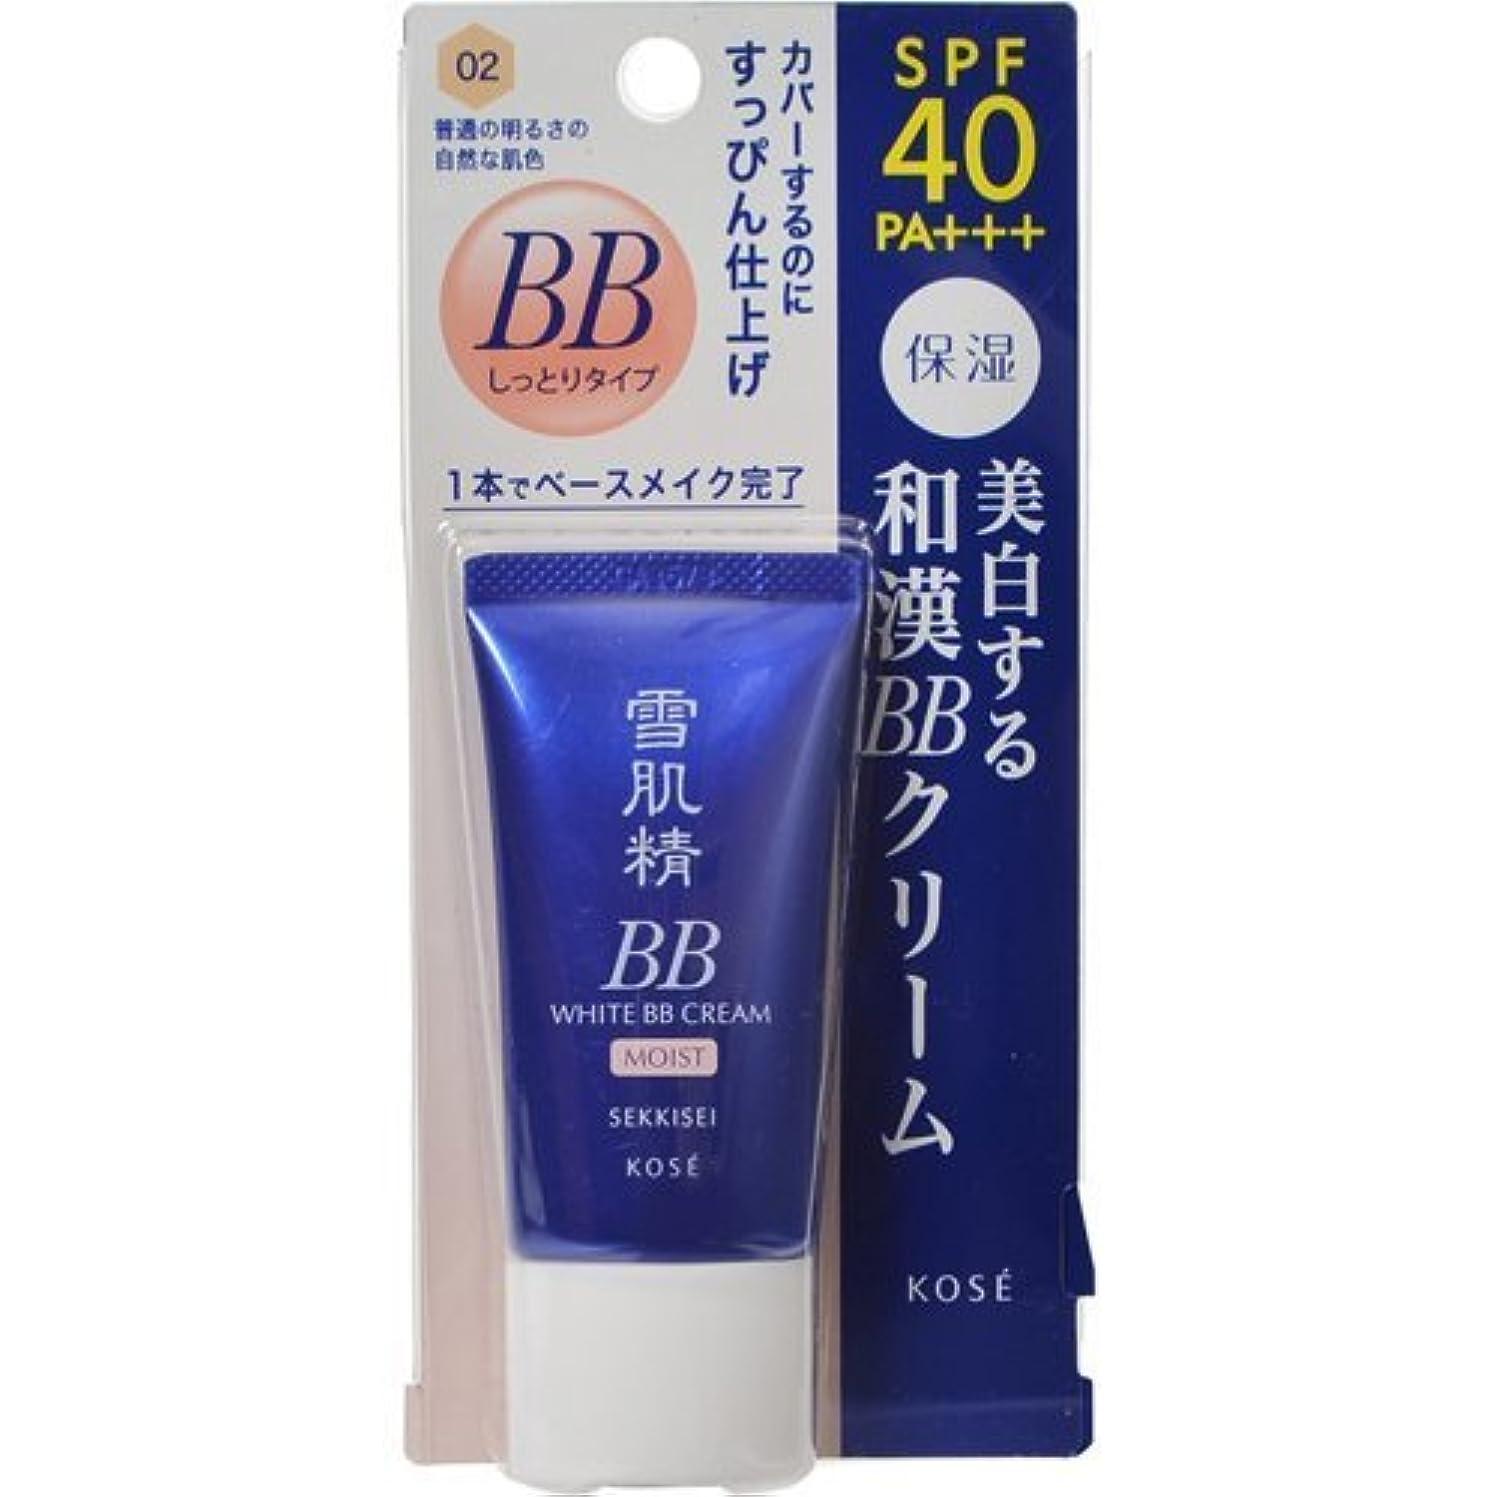 成分厳サロン雪肌精 ホワイト BBクリーム モイスト 02 30g